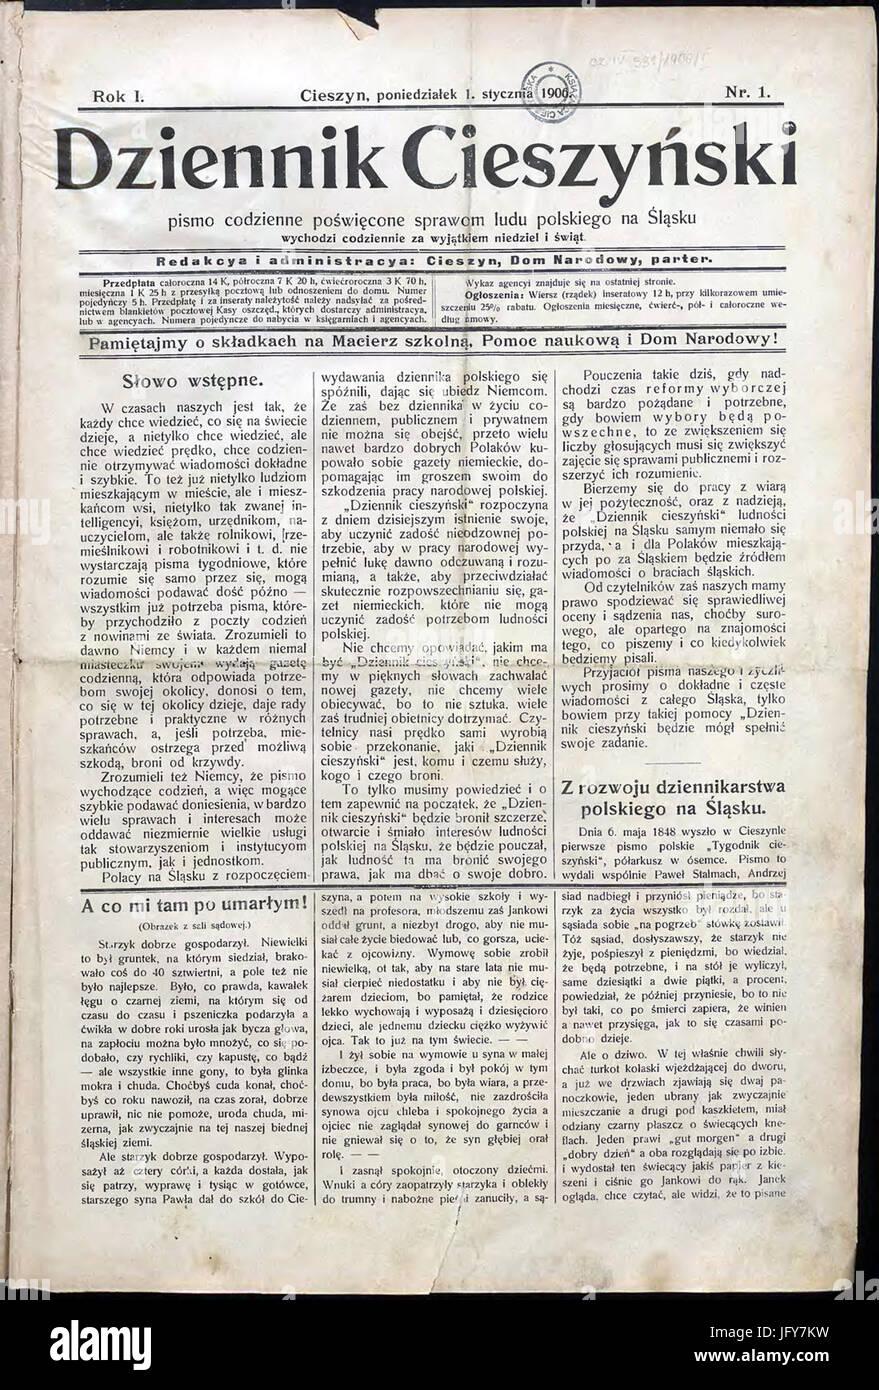 Dziennik Cieszyński 01 01 1906 Stock Photo 147501533 Alamy